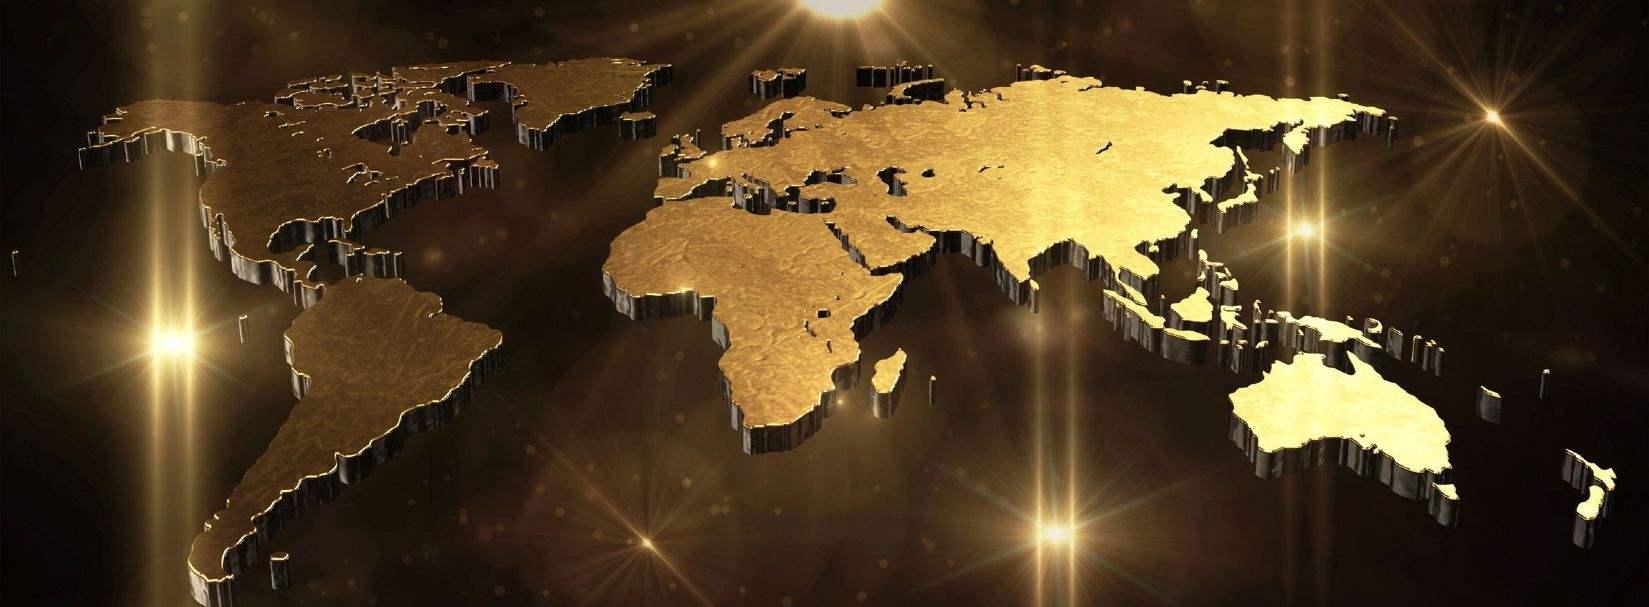 Luxus-Landkarte: Wohin geht die Retail-Reise